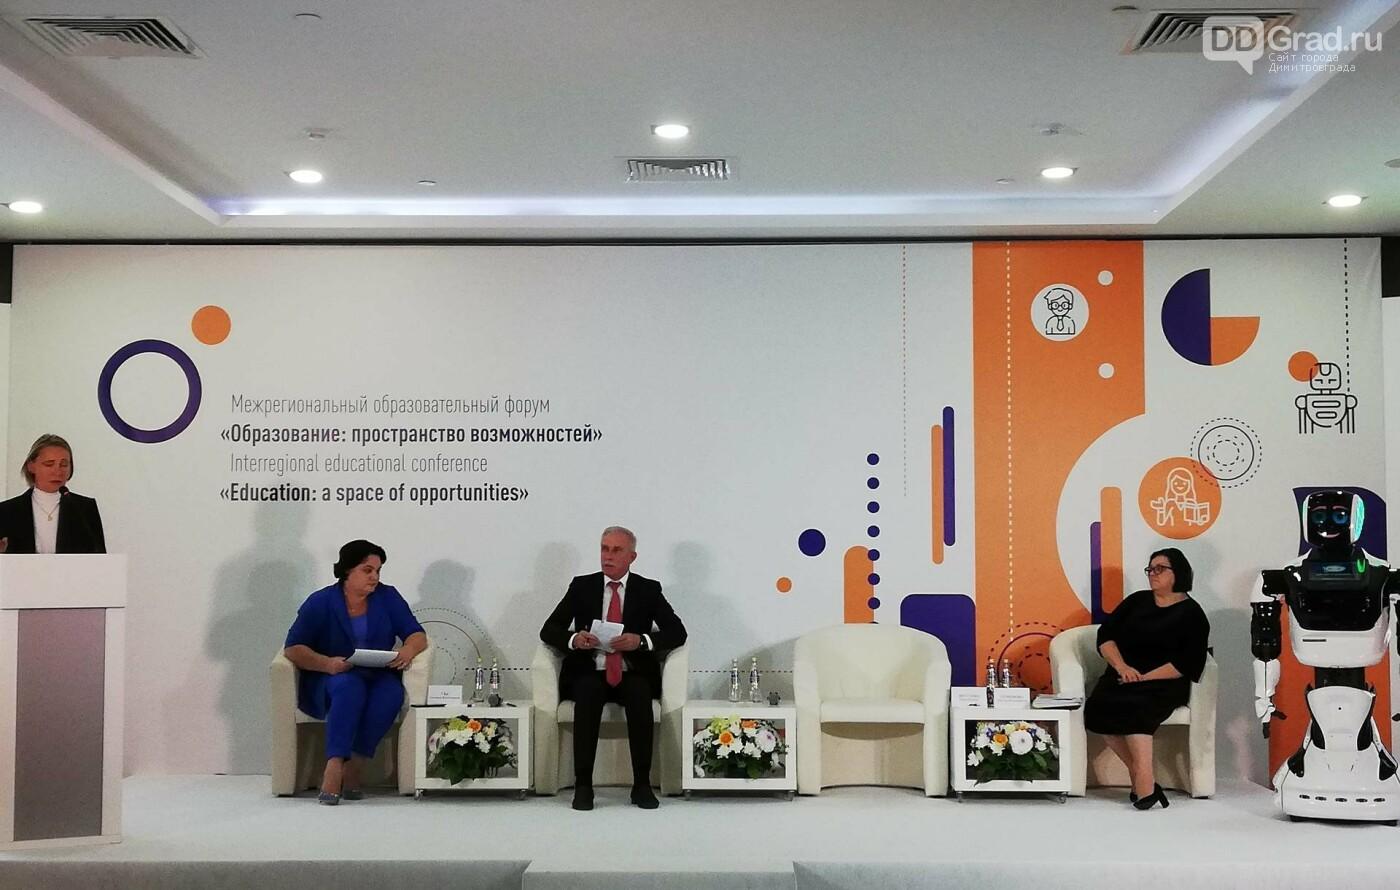 Учителям из Ульяновской области, ученики которых сдали ЕГЭ на 100 баллов, выплатят по 100 тысяч рублей, фото-1